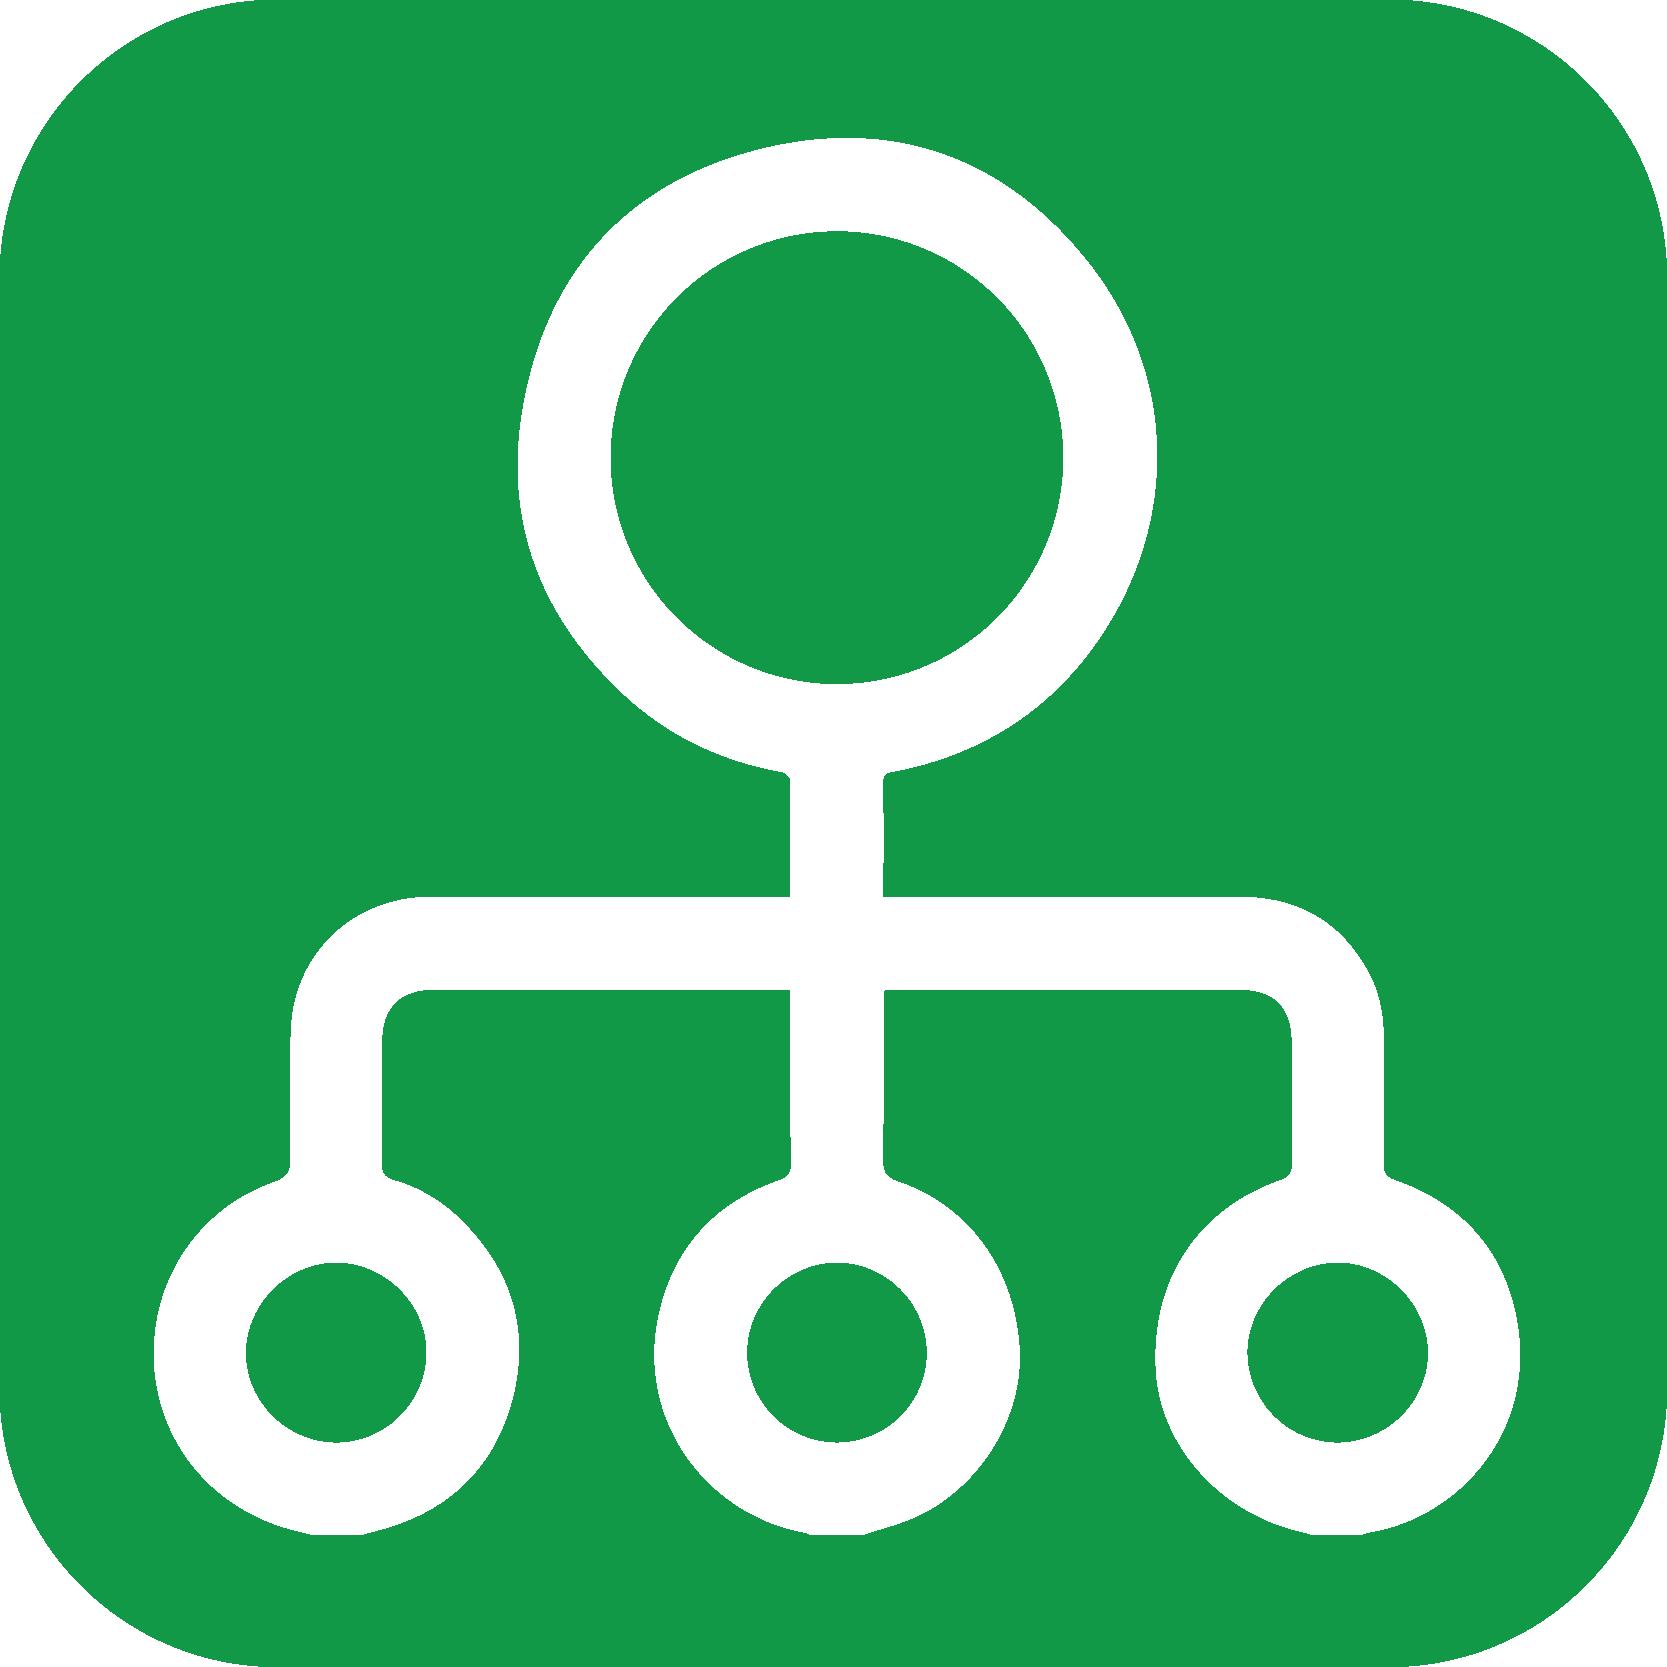 Datastruktur grøn